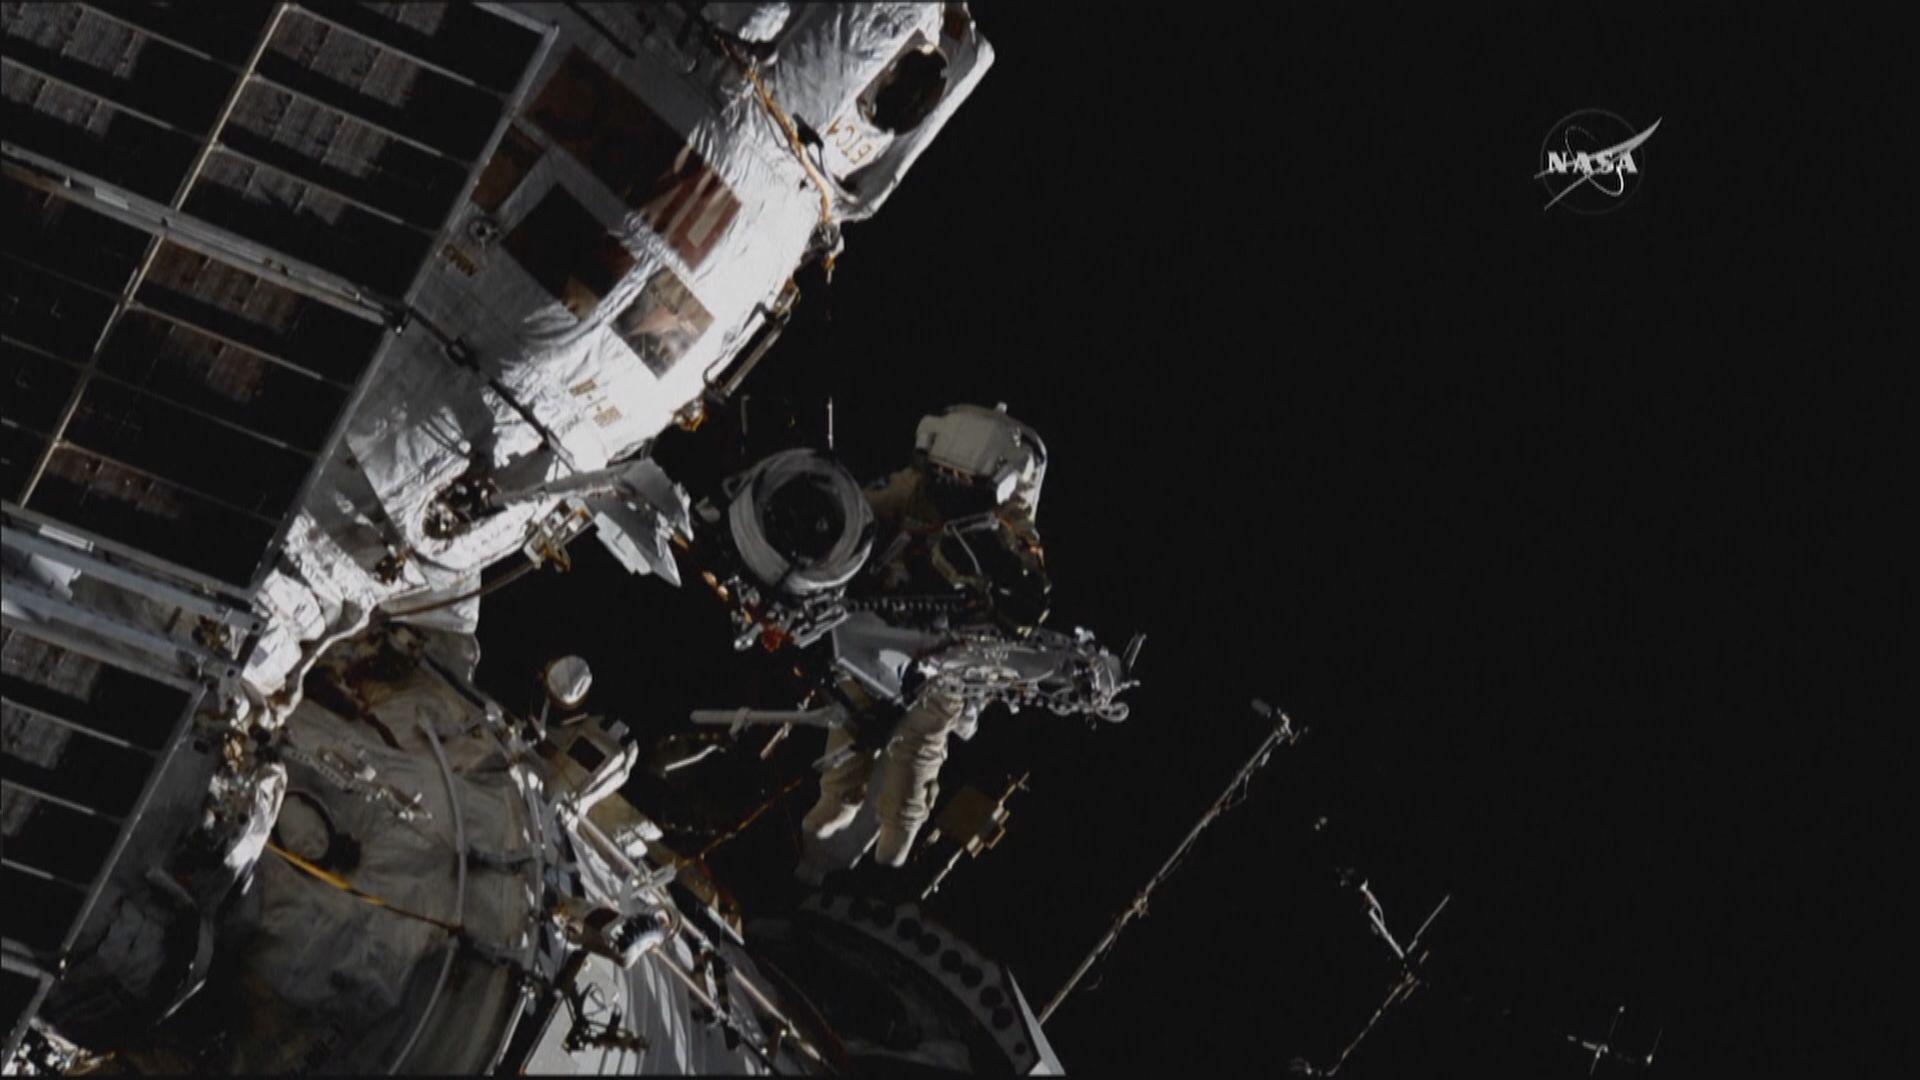 美俄政治分歧無阻合作太空探索